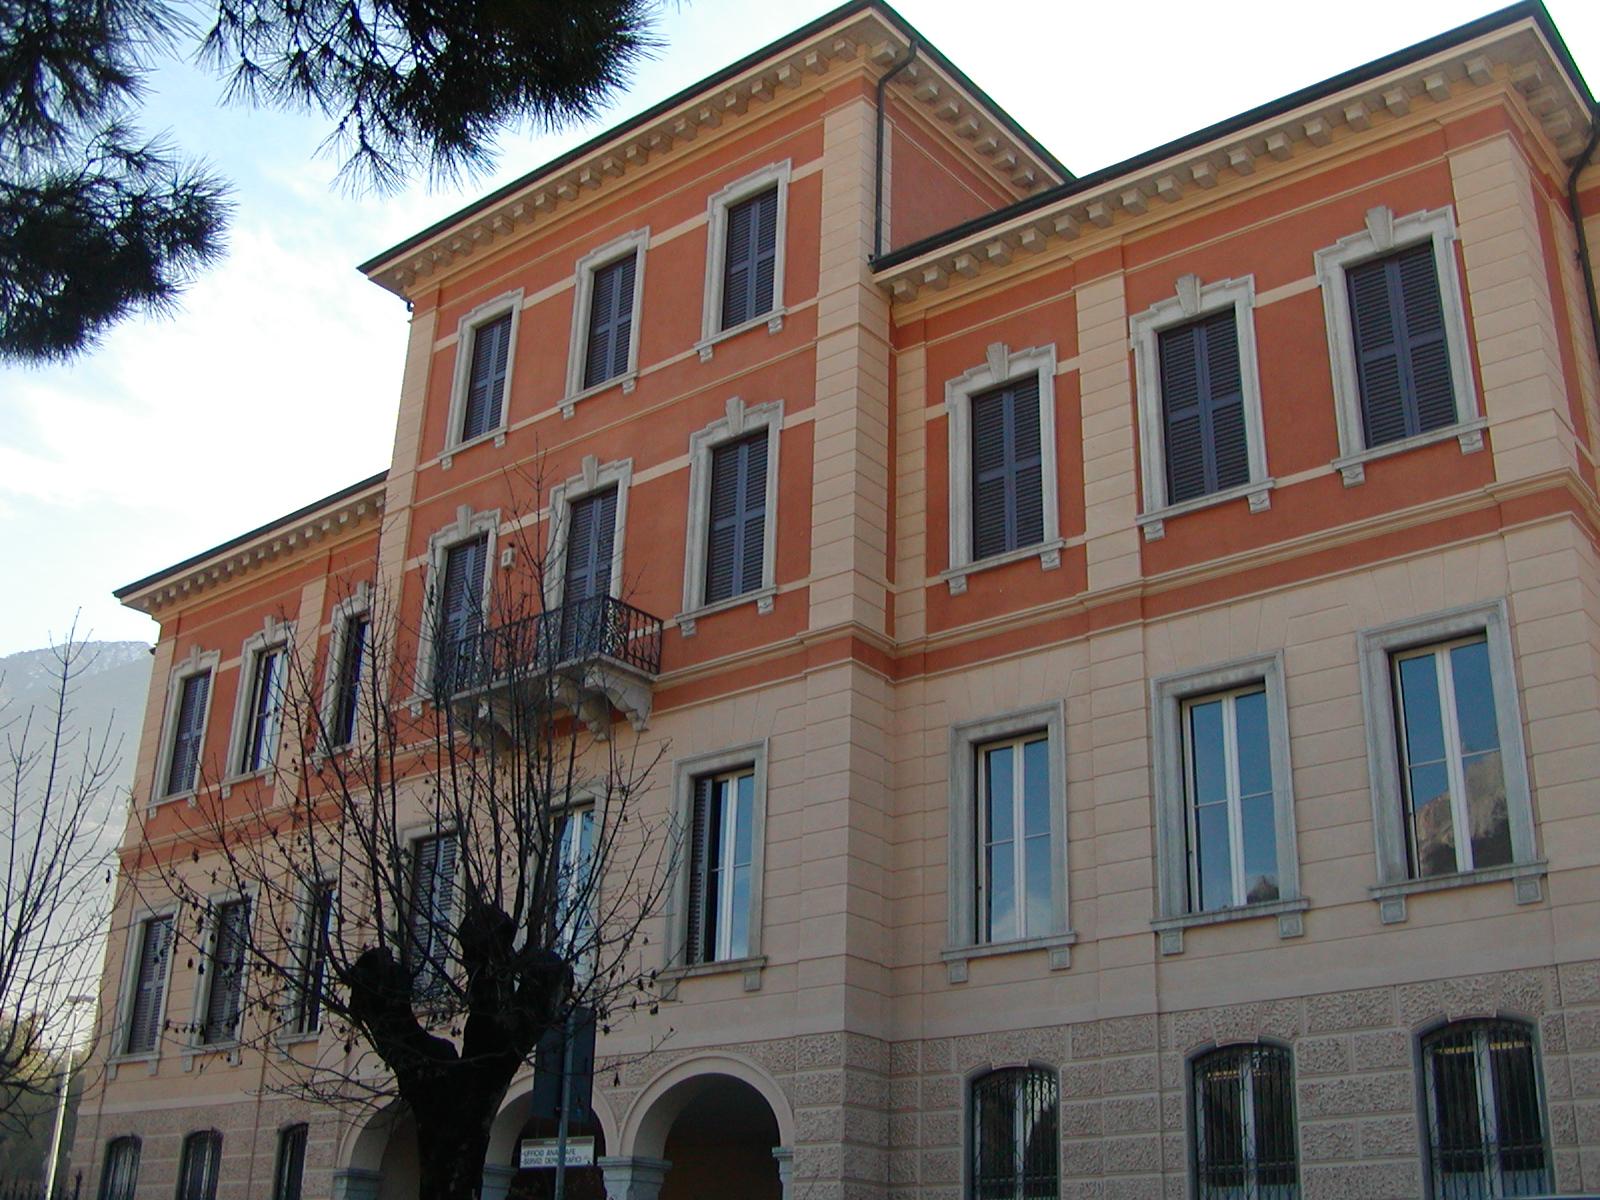 Studio-di-architettura-Baisotti-Sigala-prgetti190